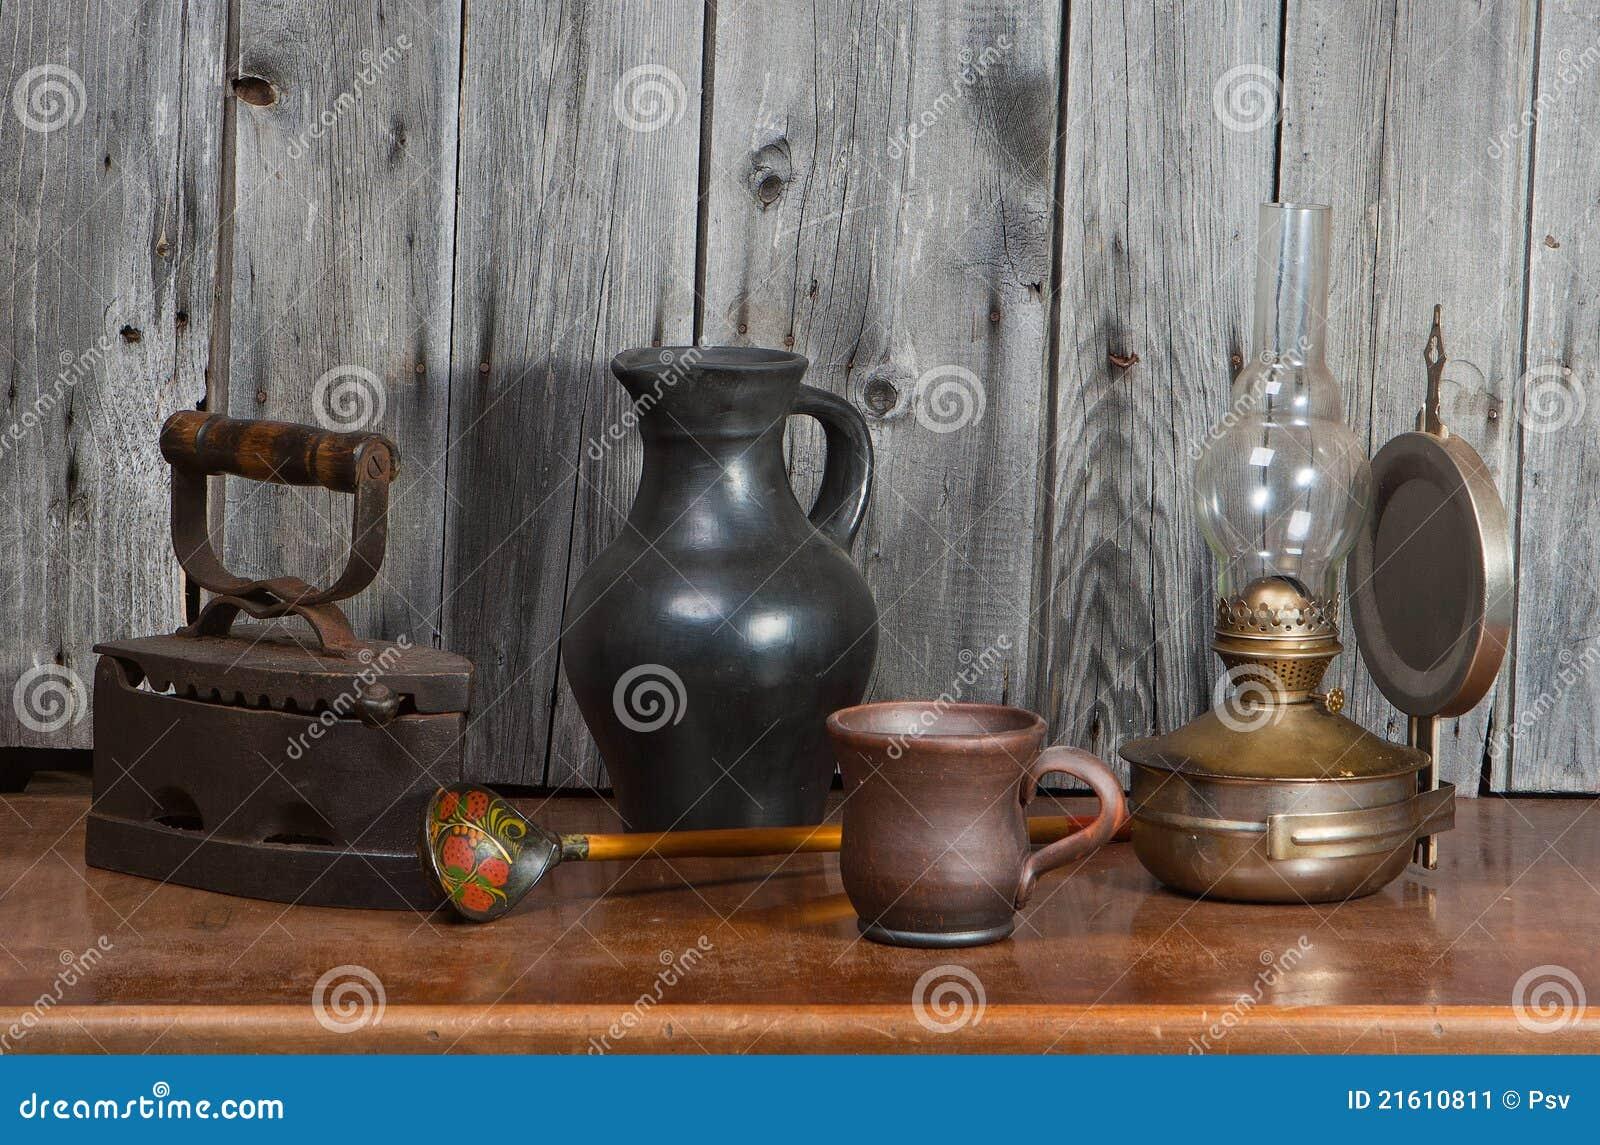 alte sachen stockbild bild von laterne keramik nachricht 21610811. Black Bedroom Furniture Sets. Home Design Ideas